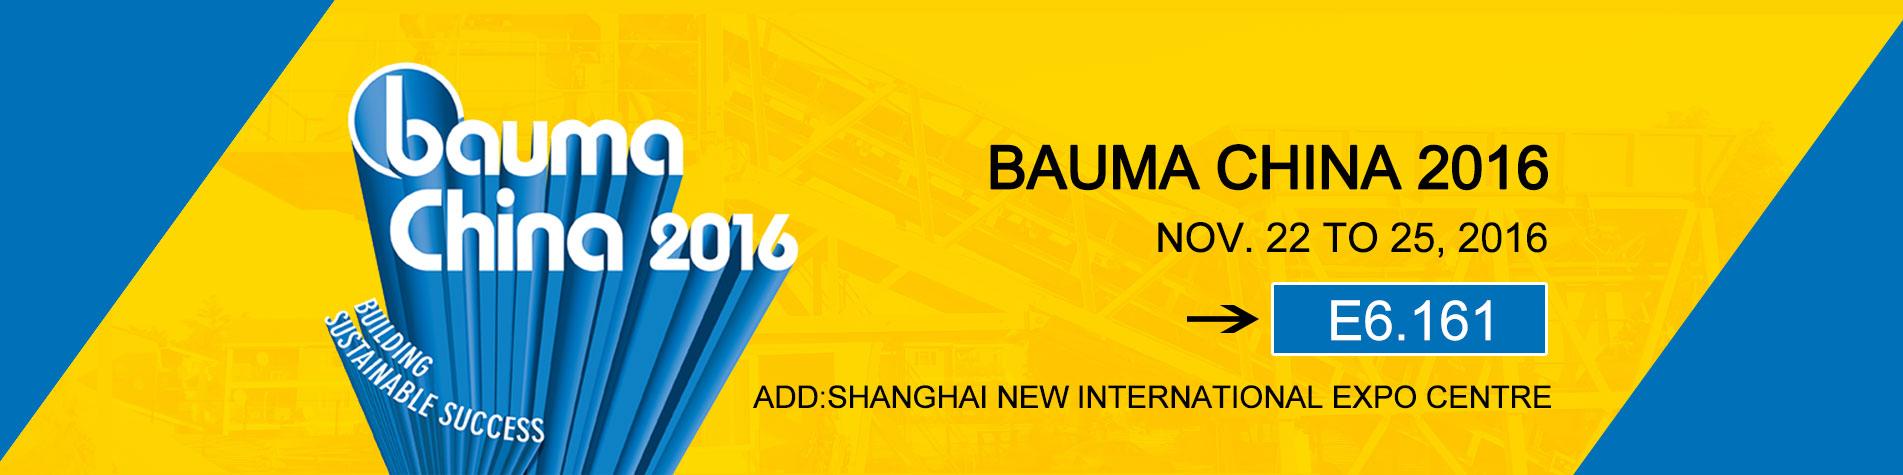 bauma-banner